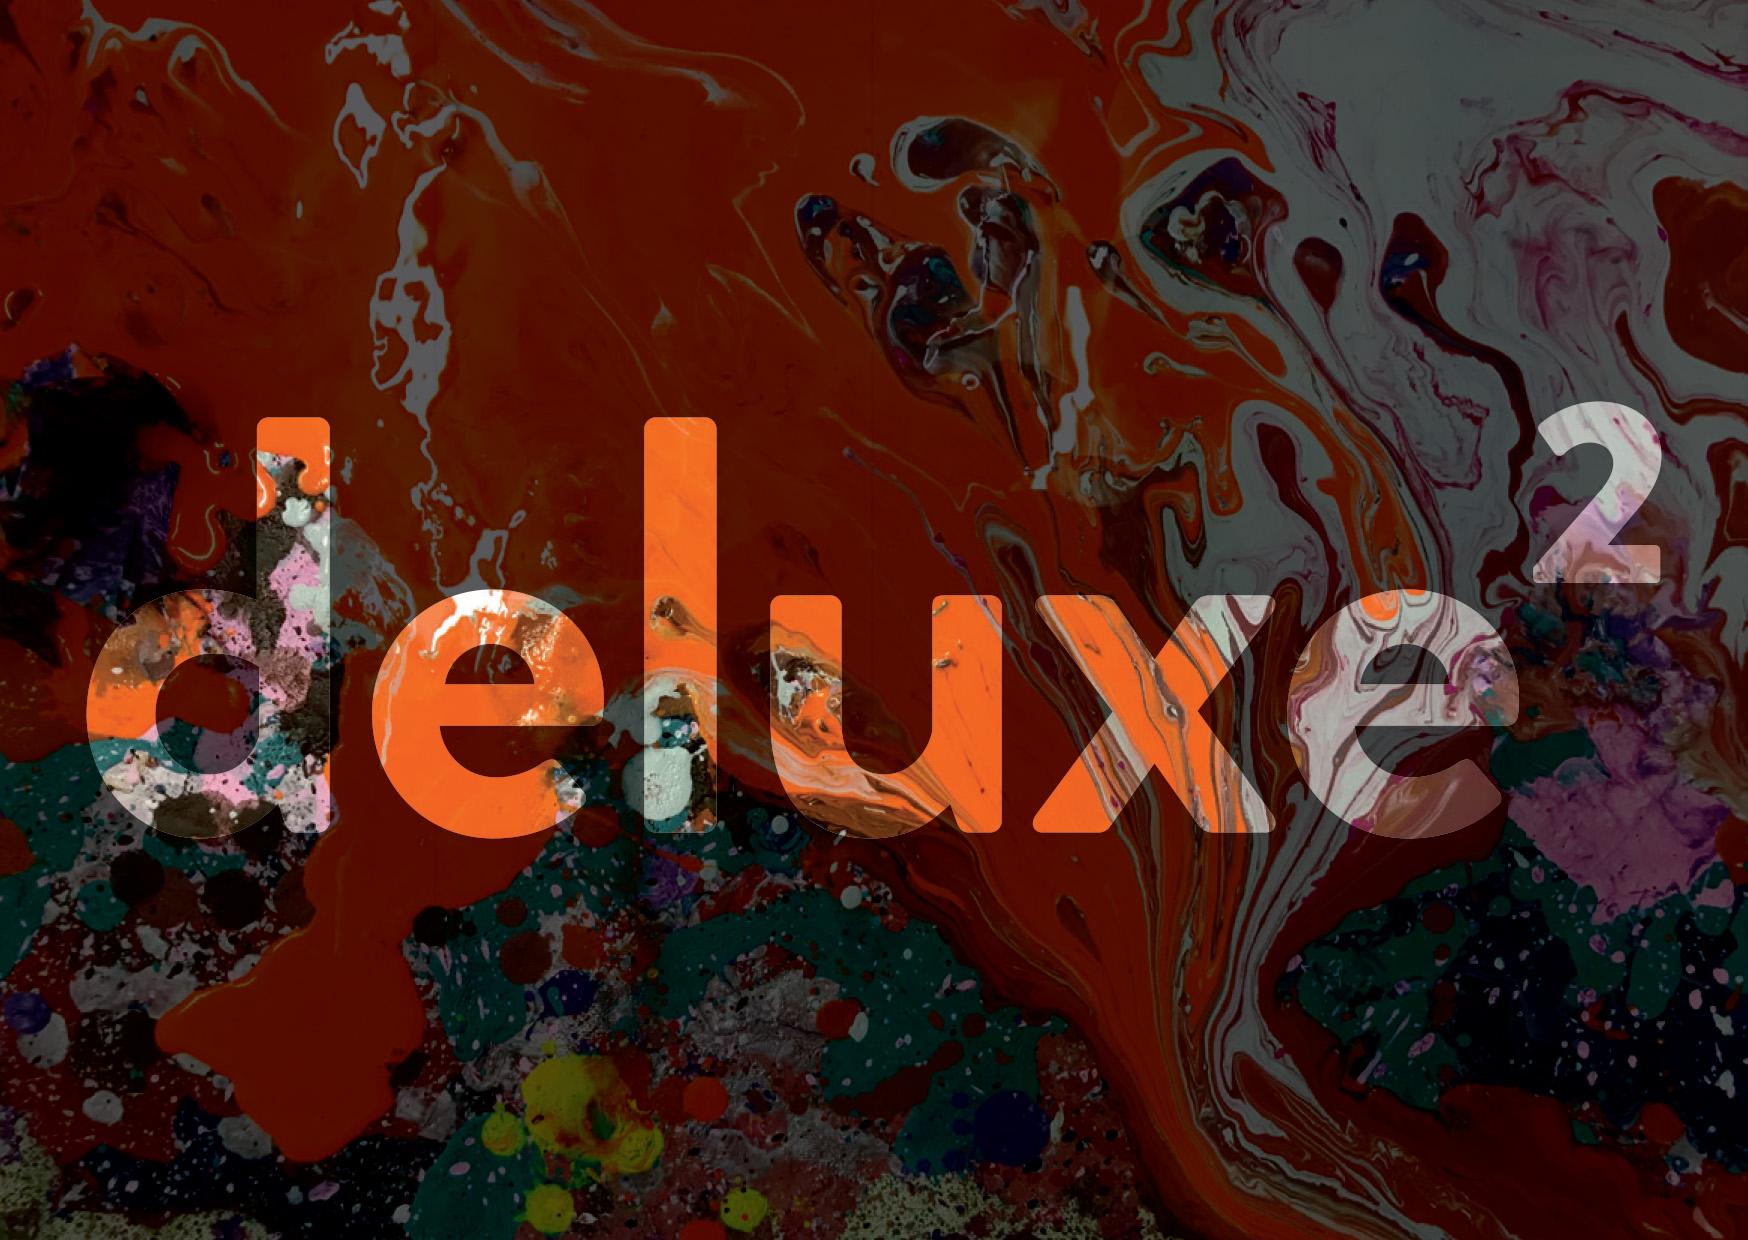 deluxe² - Ausstellung von Michael Bause und Ruprecht Dreher